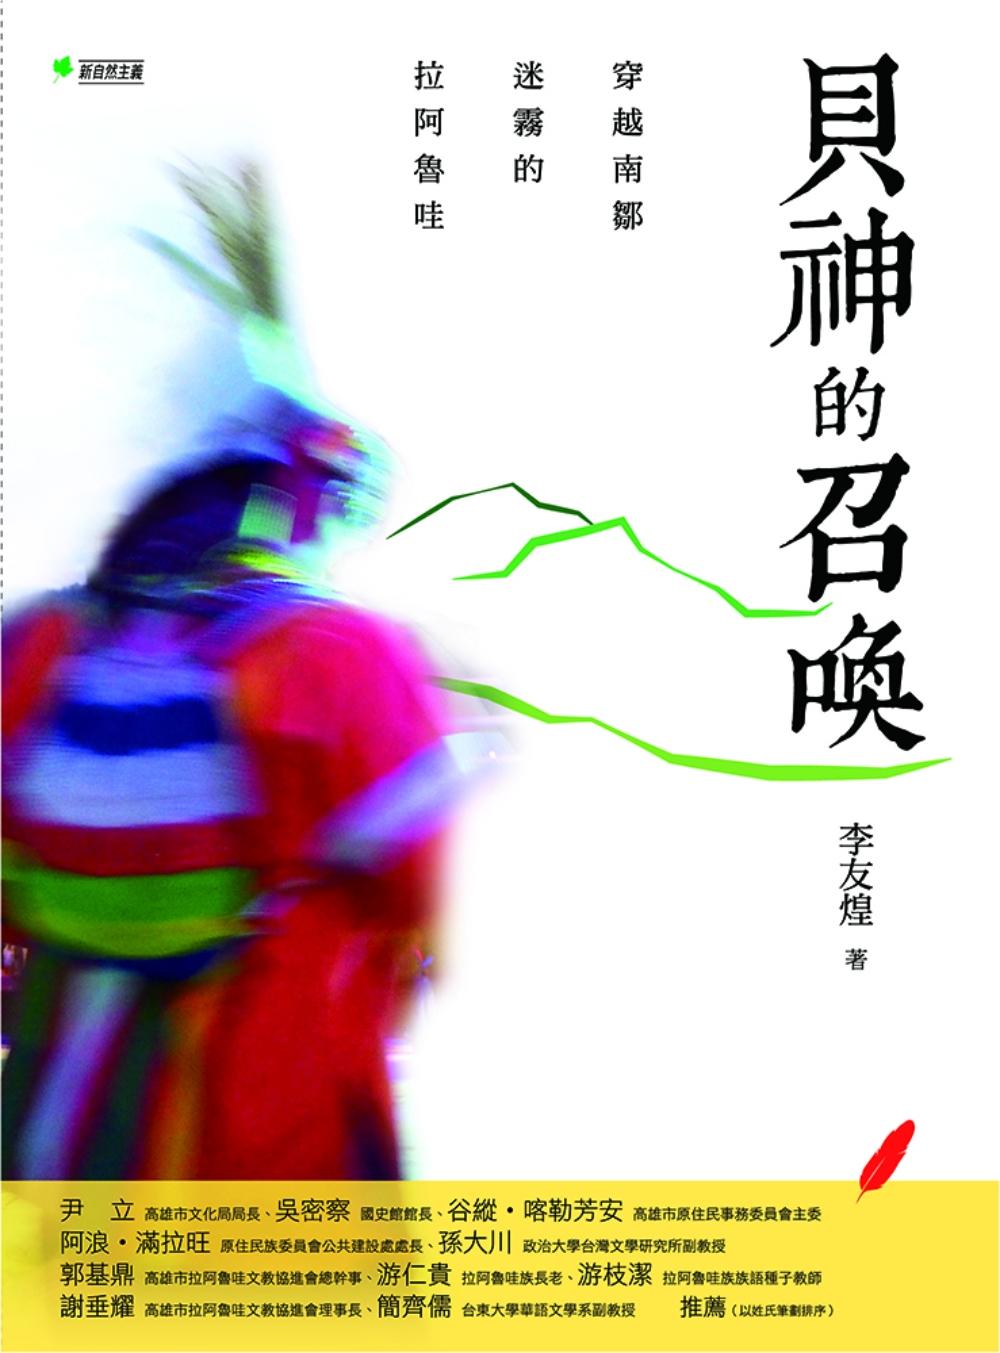 貝神的召喚:穿越南鄒迷霧的拉阿魯哇(另開視窗)